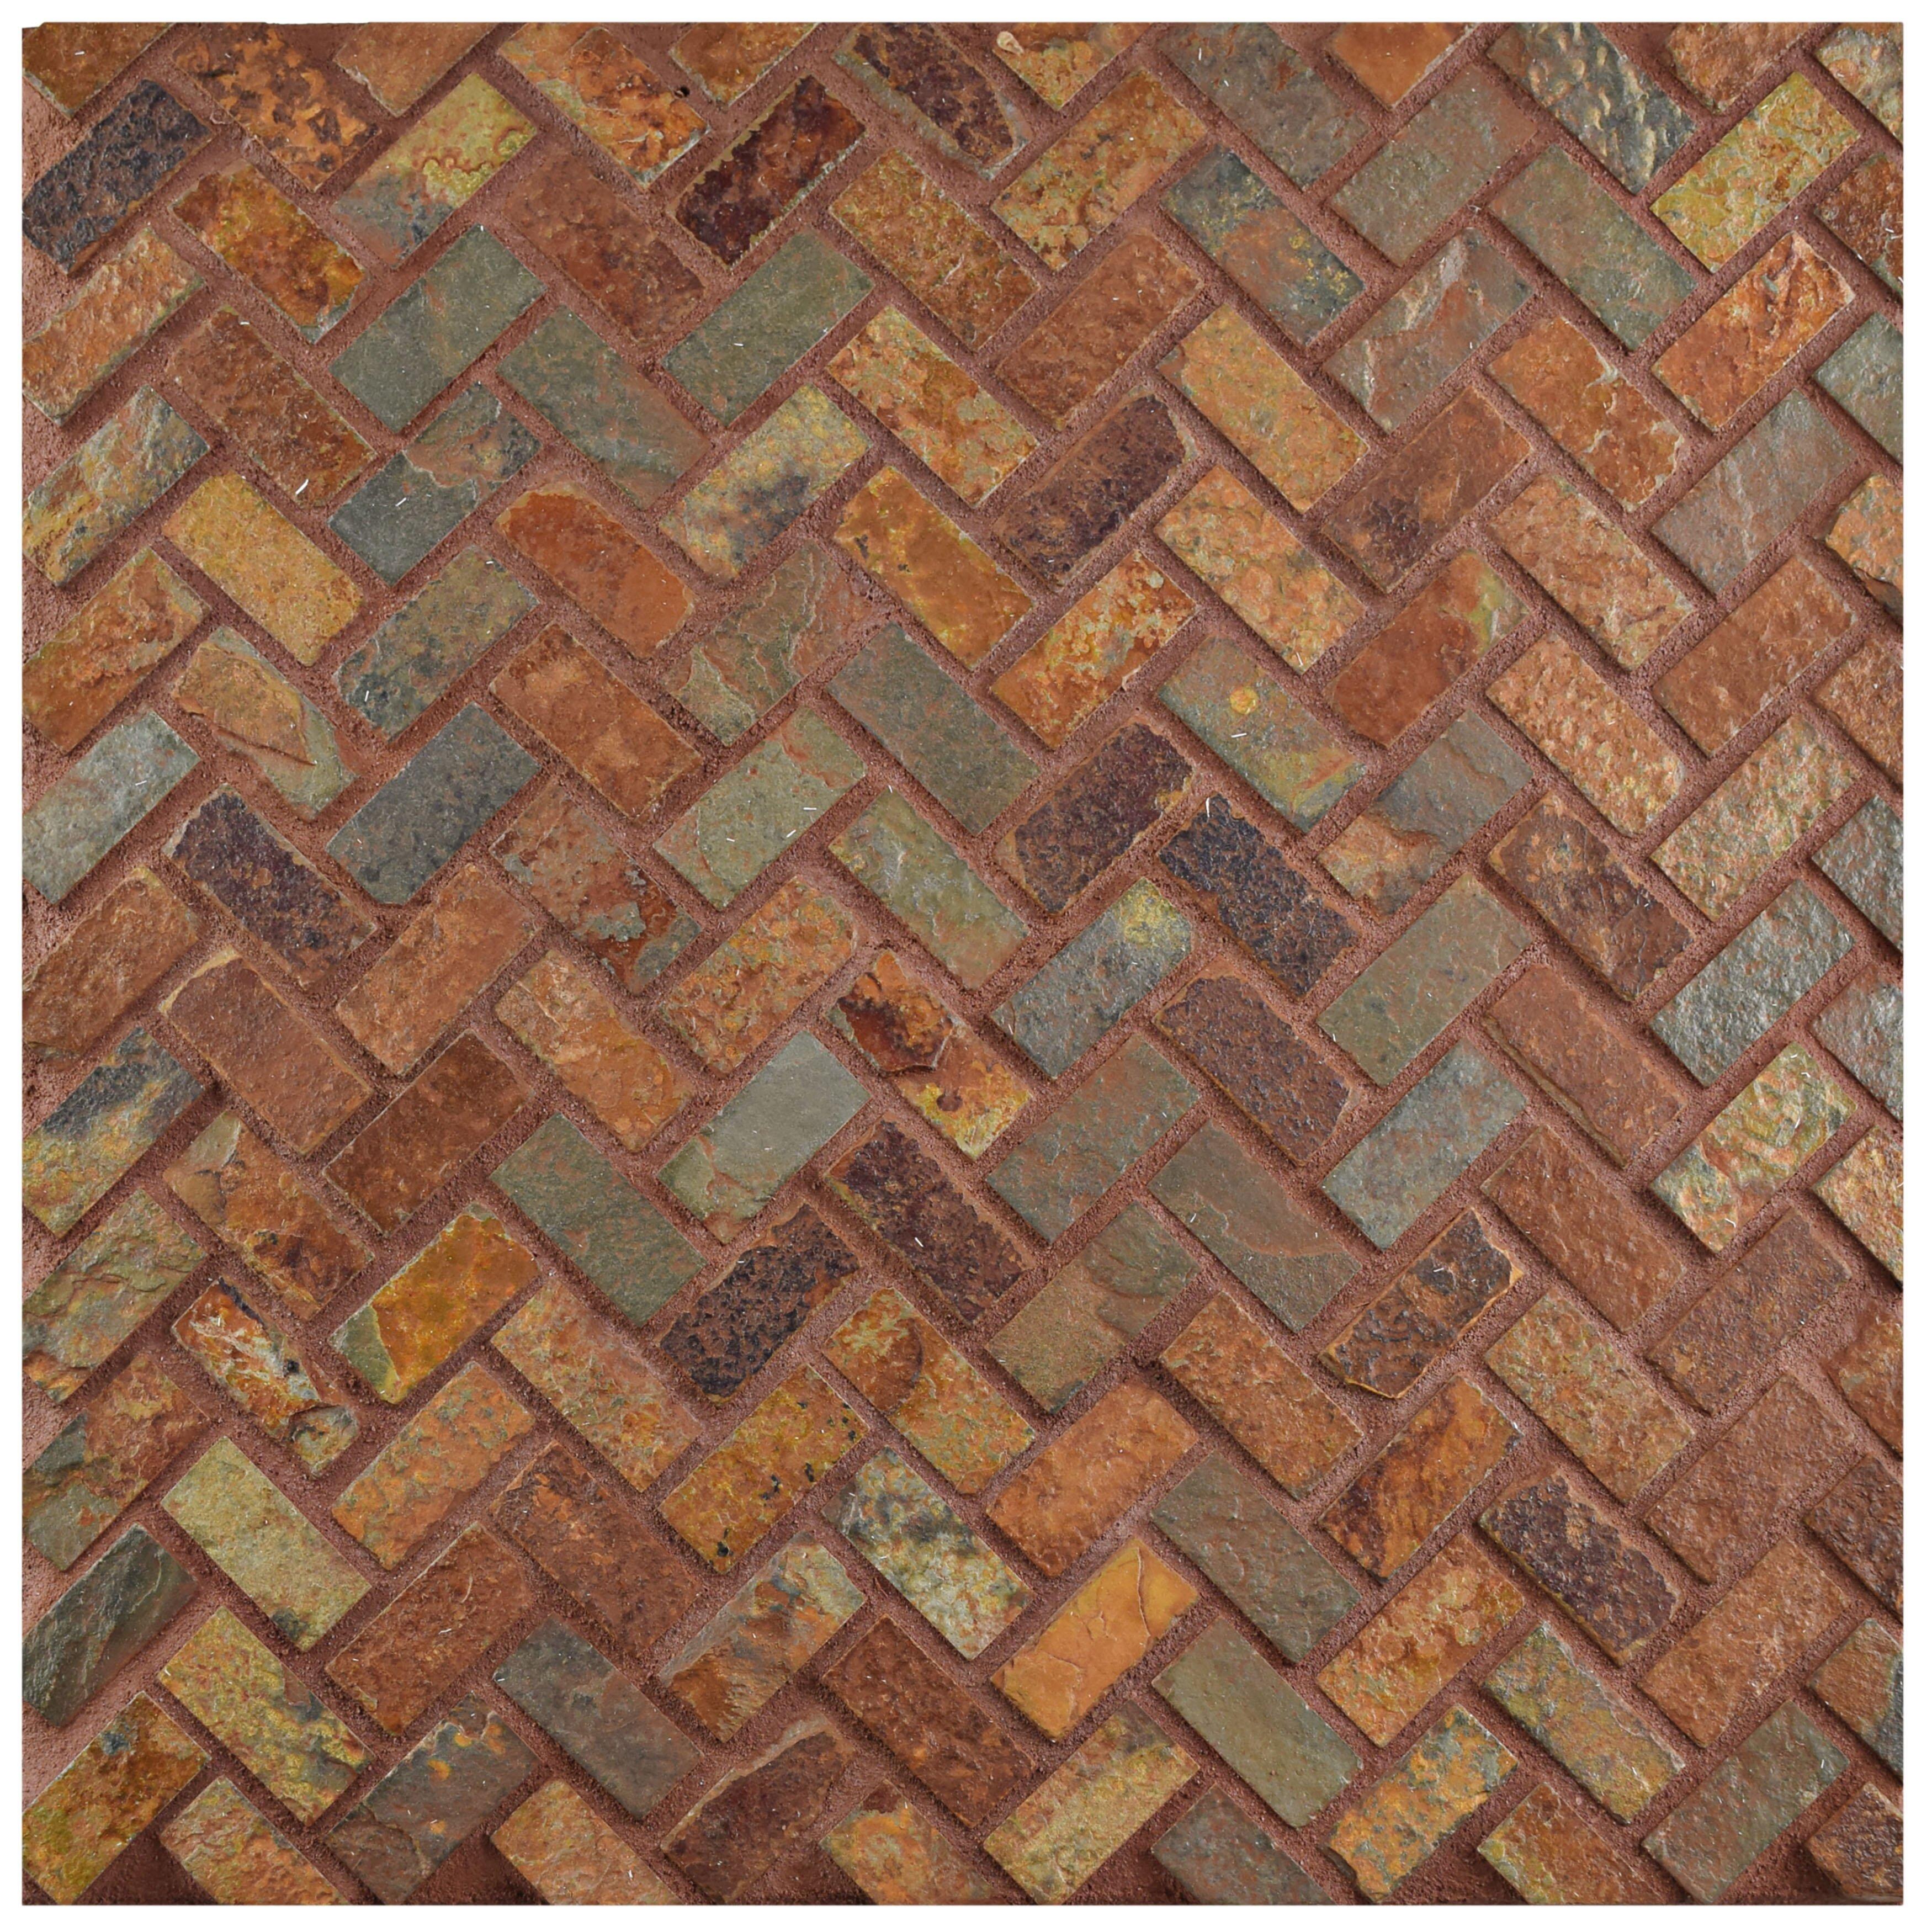 Elitetile Peak Herringbone X Slate Mosaic Tile